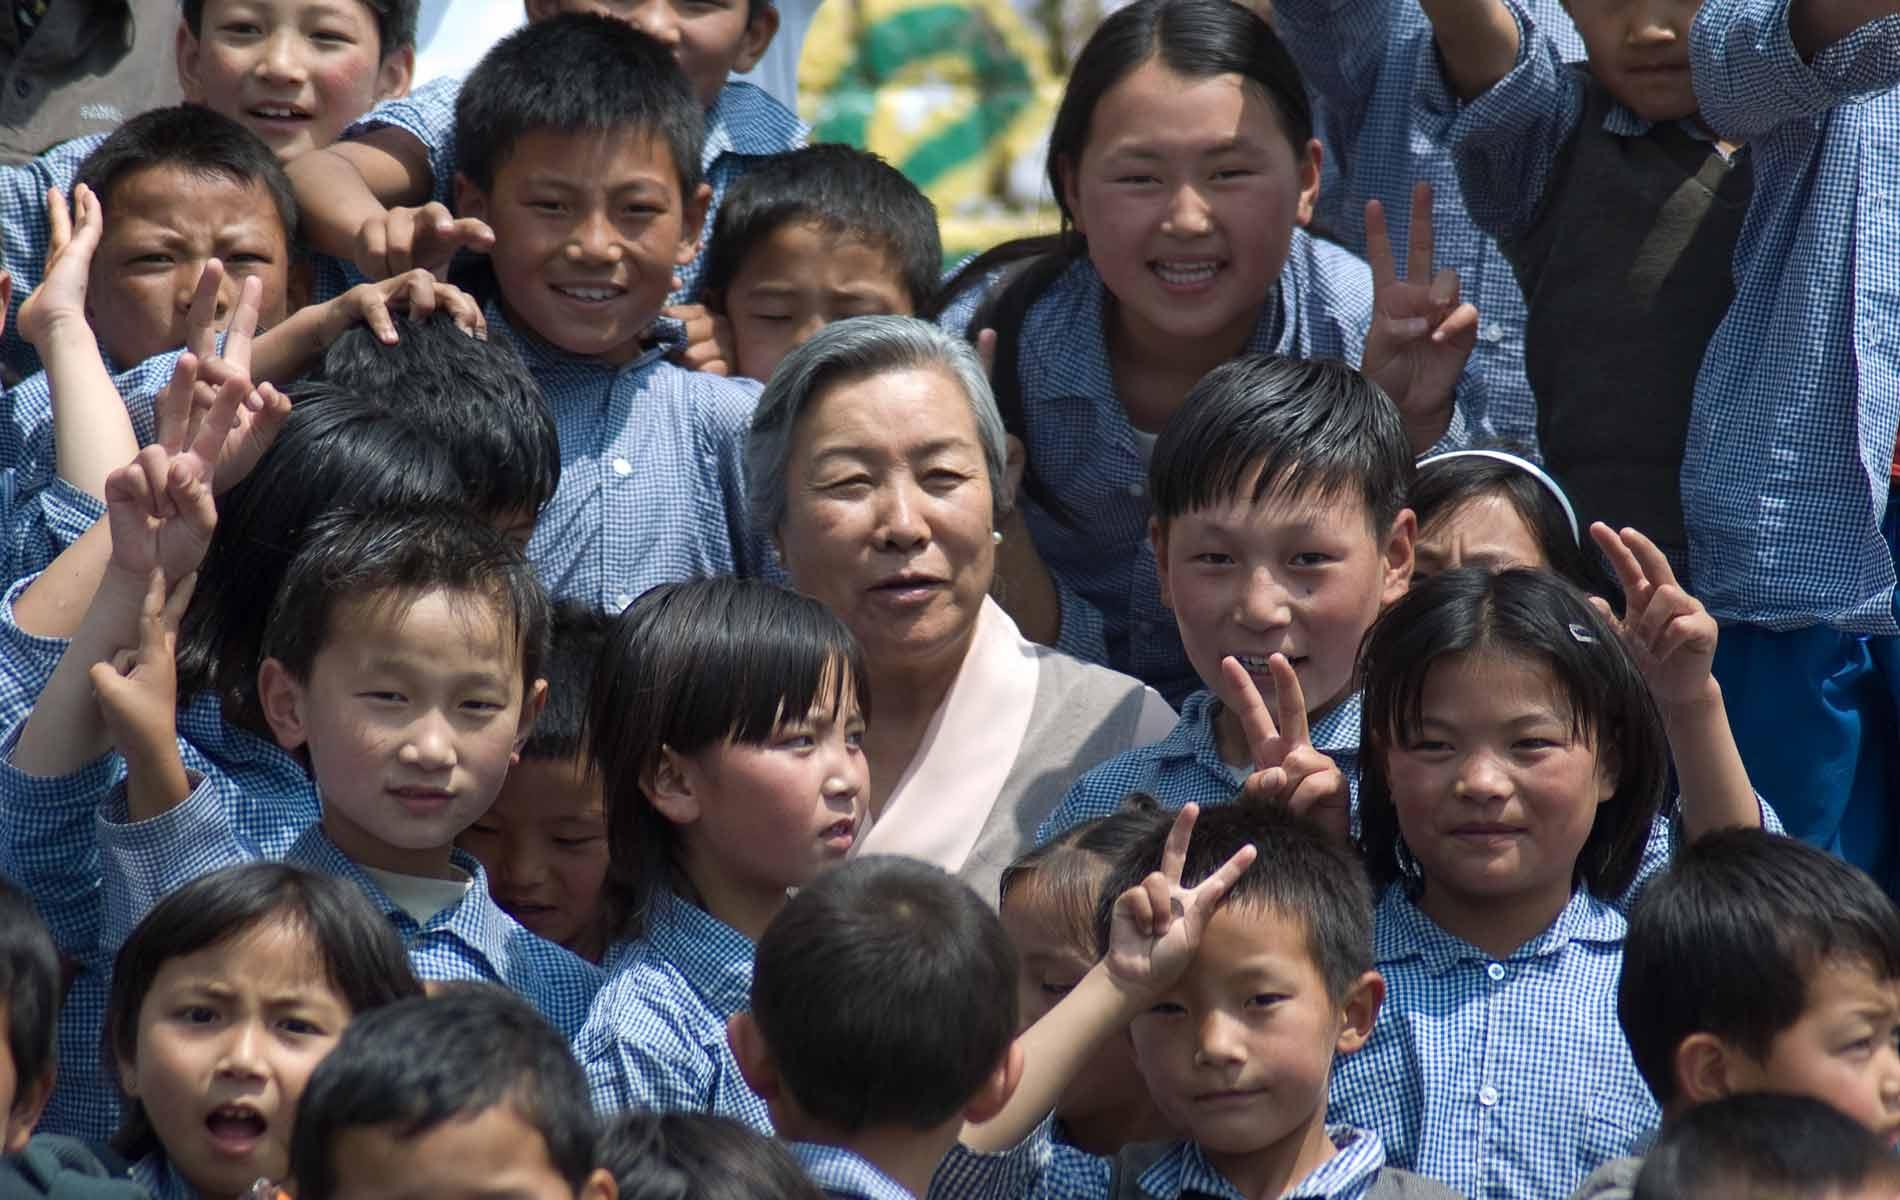 M.me PEMA (H.H. Dalai Lama sister) - Site manager of the Tibetan Children Village - Daramshala - Punjab - India - © Graziano Villa